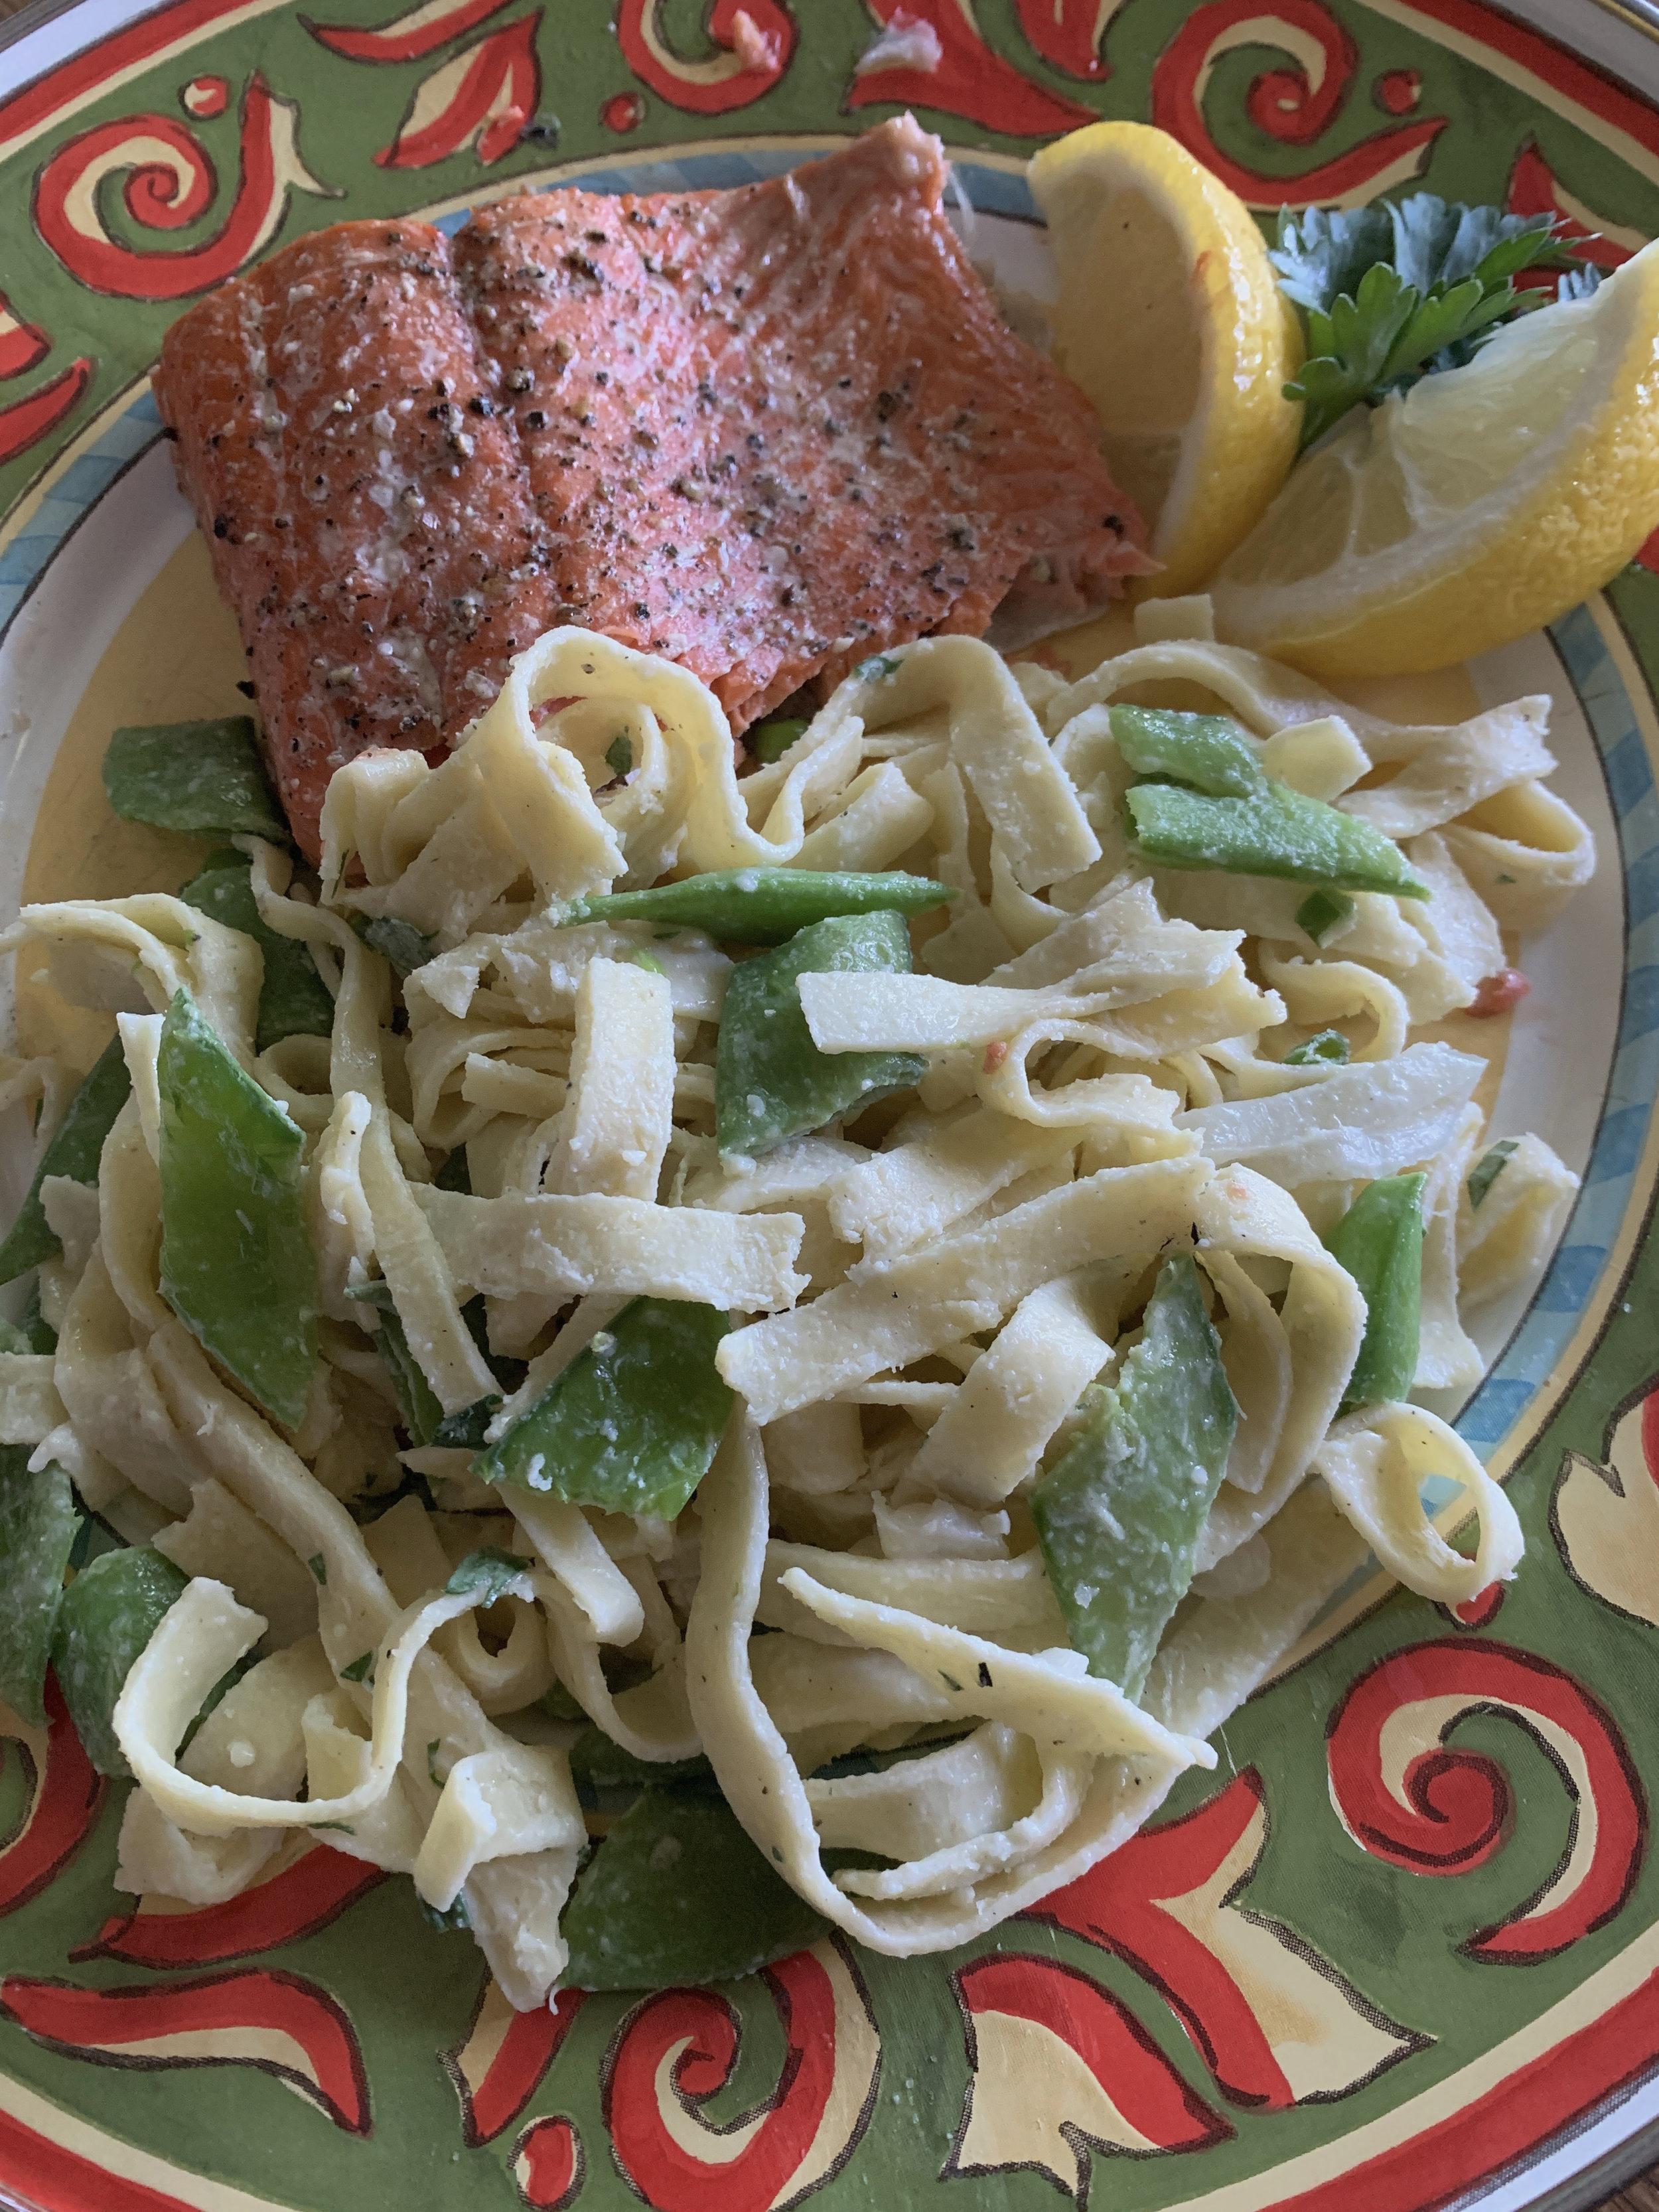 Vicki_pasta_snappeas_salmon_spiritedtable_photo1.jpg